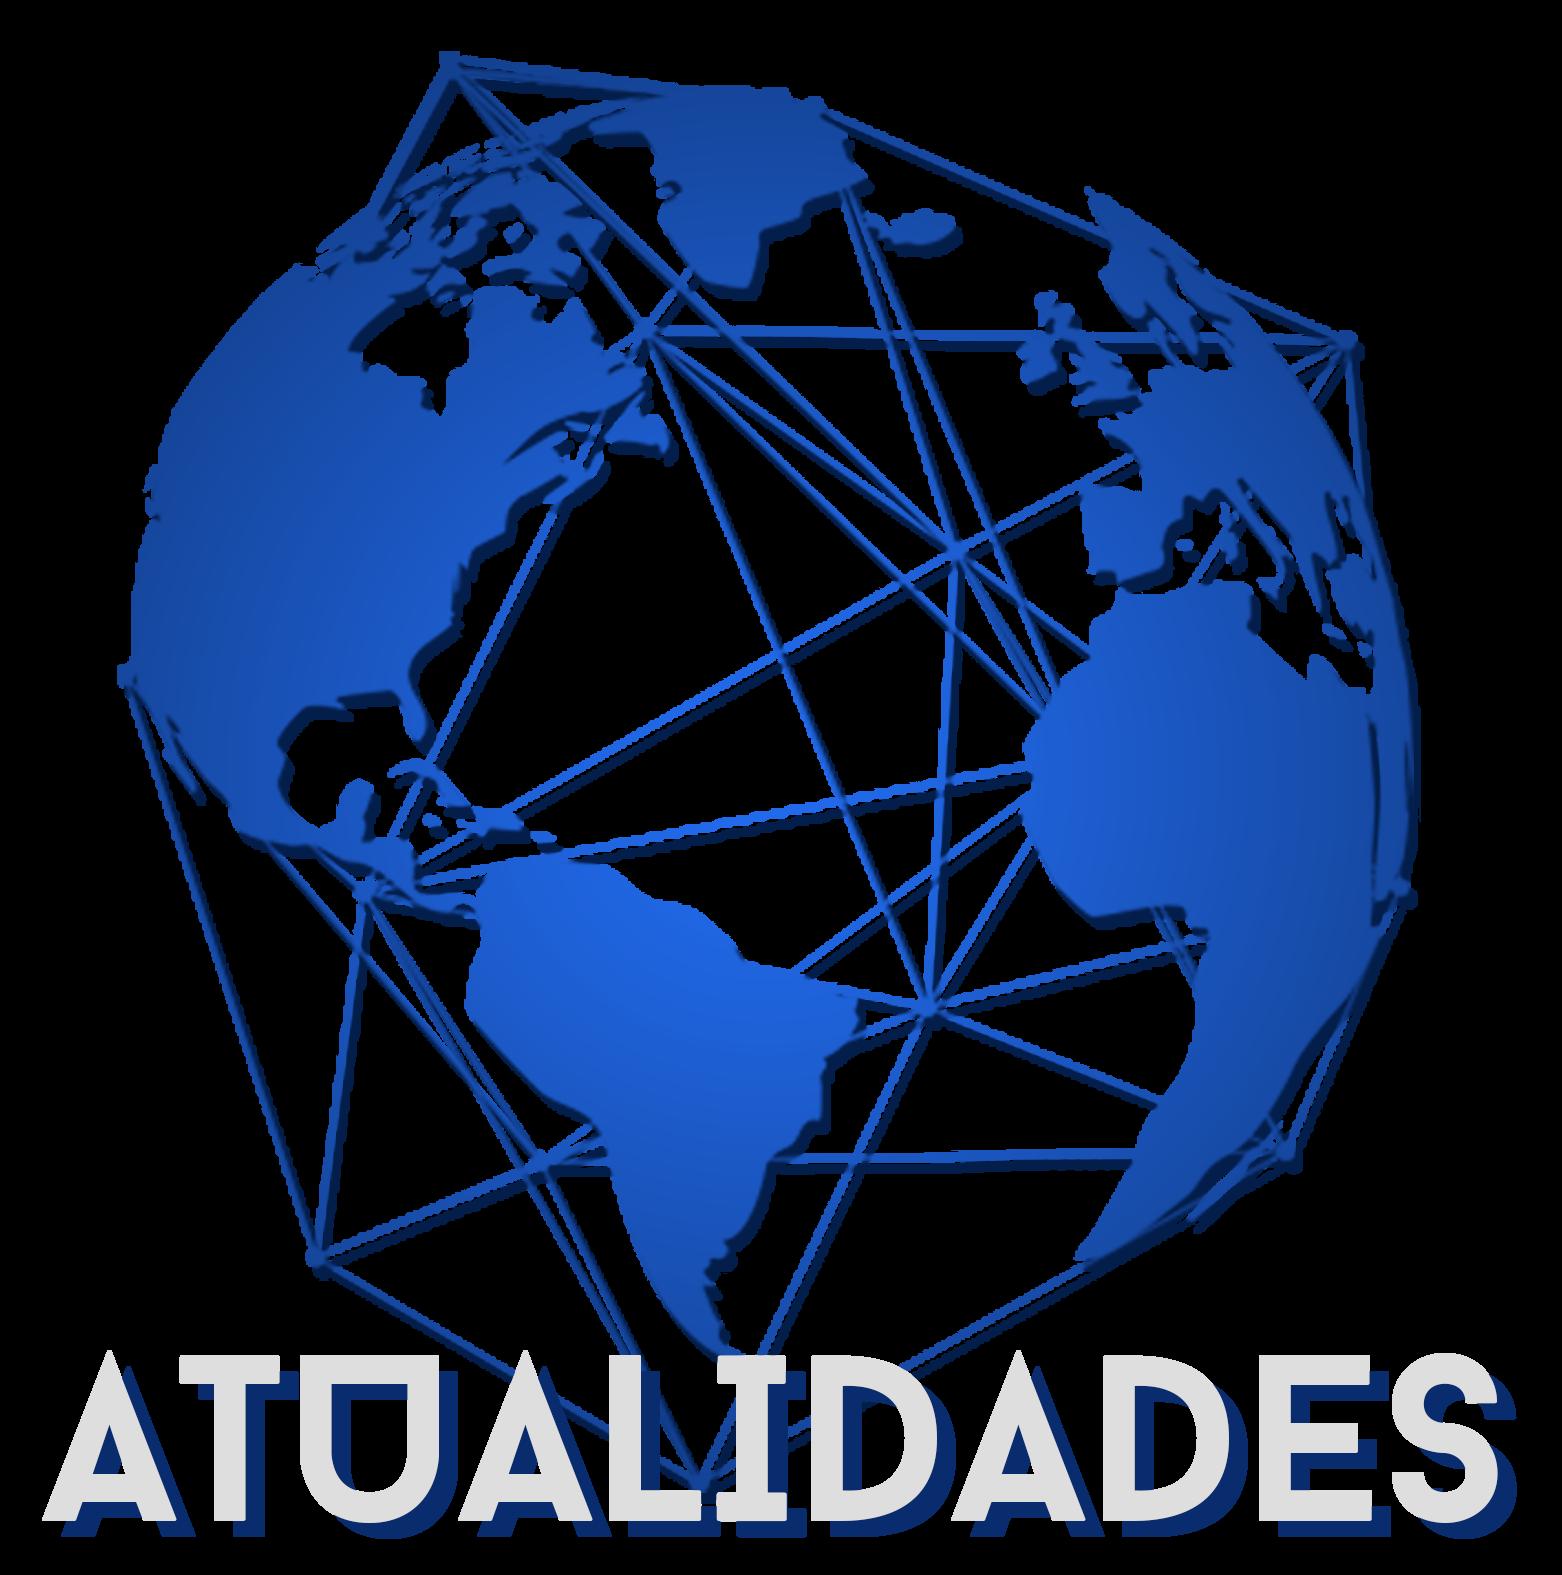 Projeto Atualidades